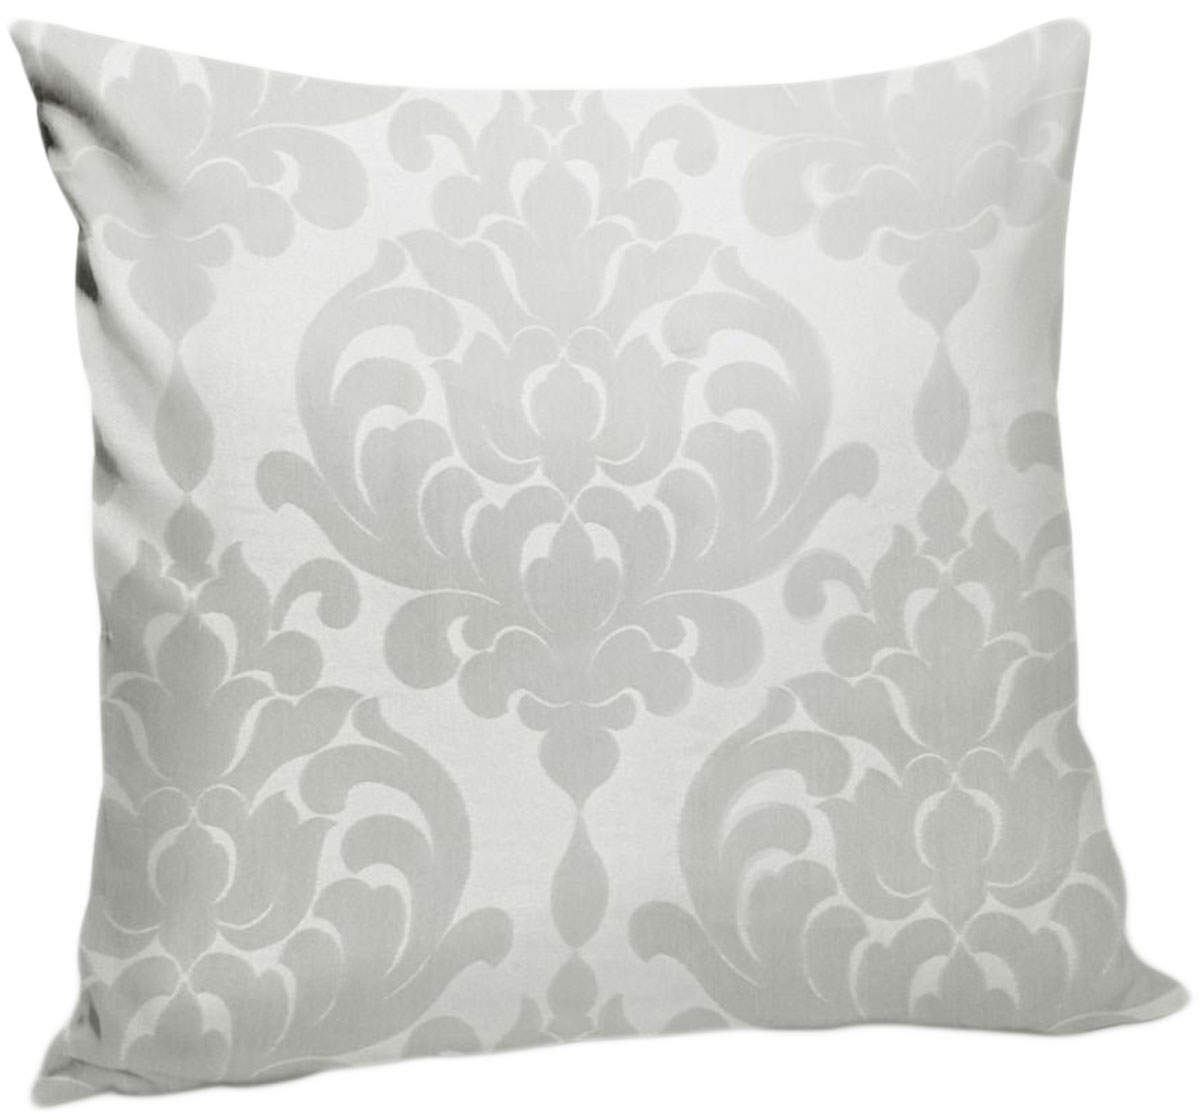 """Декоративная подушка """"Бордо"""" прекрасно дополнит интерьер спальни или гостиной. Чехол  подушки выполнен из жаккарда с рисунком из мягкого шеннила. Внутри находится мягкий  наполнитель. Чехол легко снимается благодаря потайной молнии."""